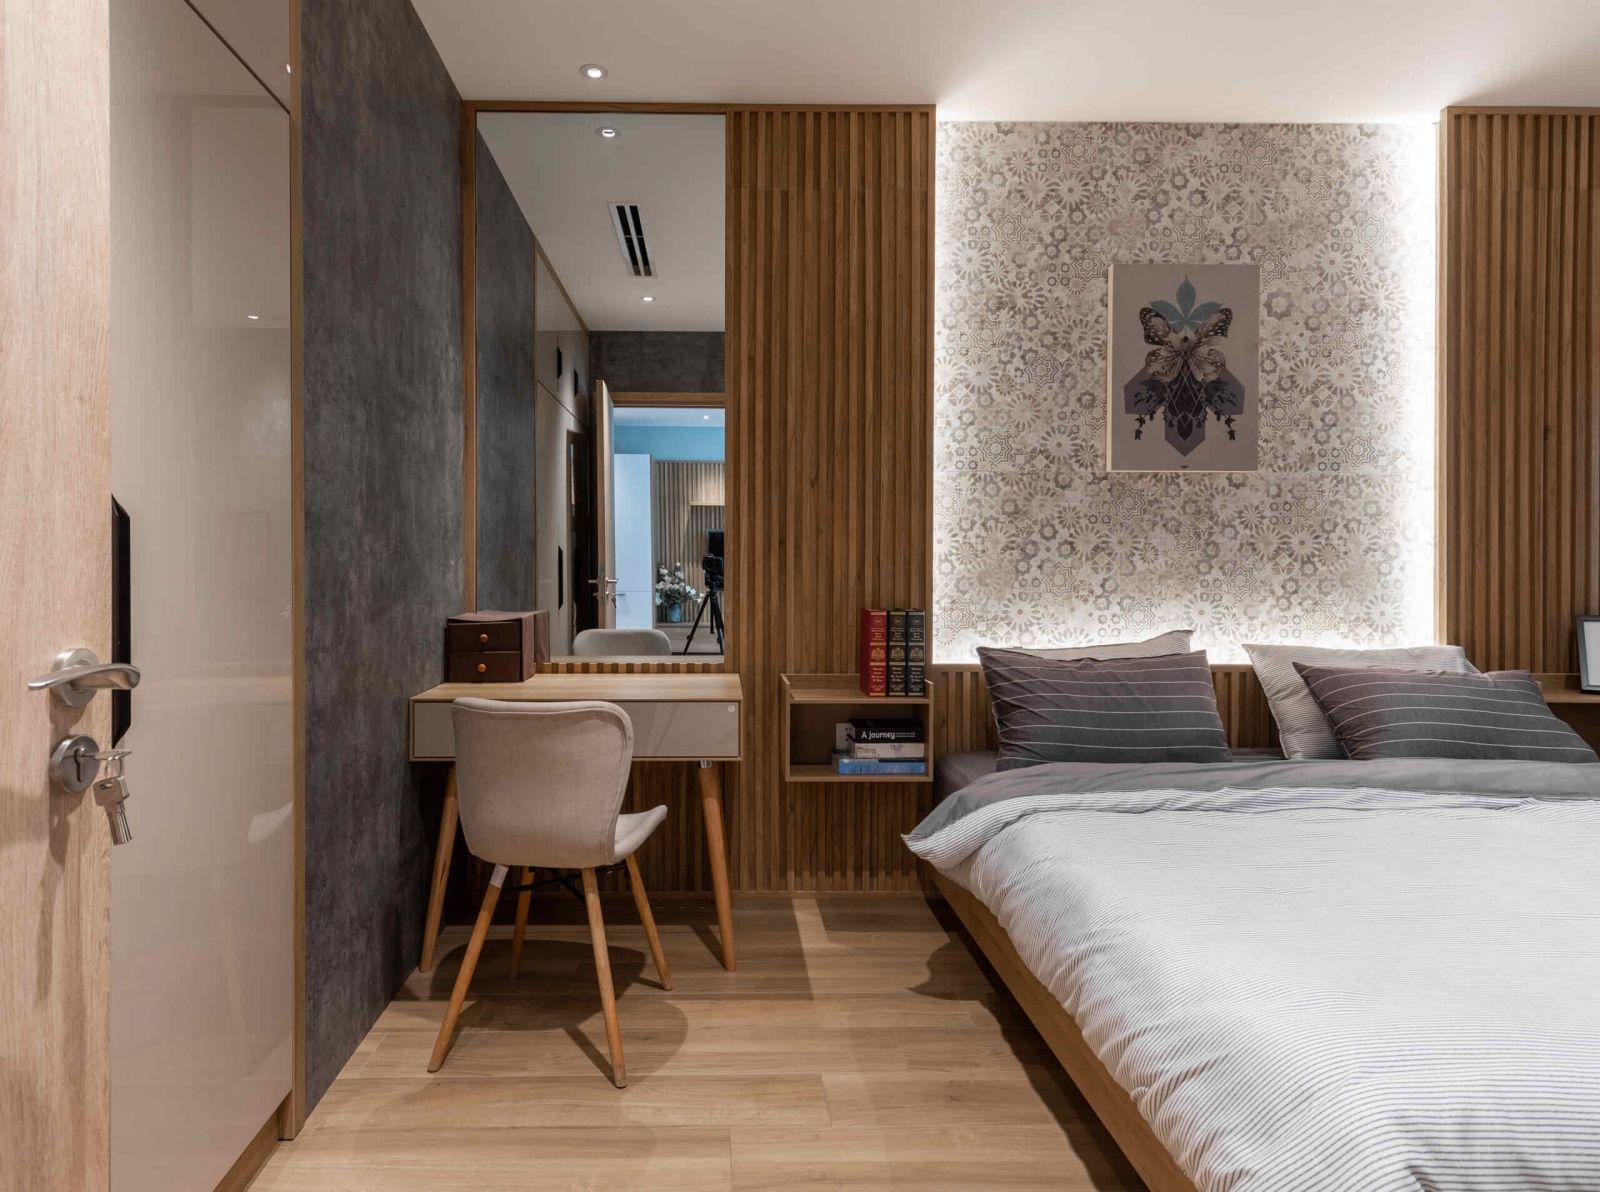 Phòng Ngủ Đẹp Giá Rẻ Hcm